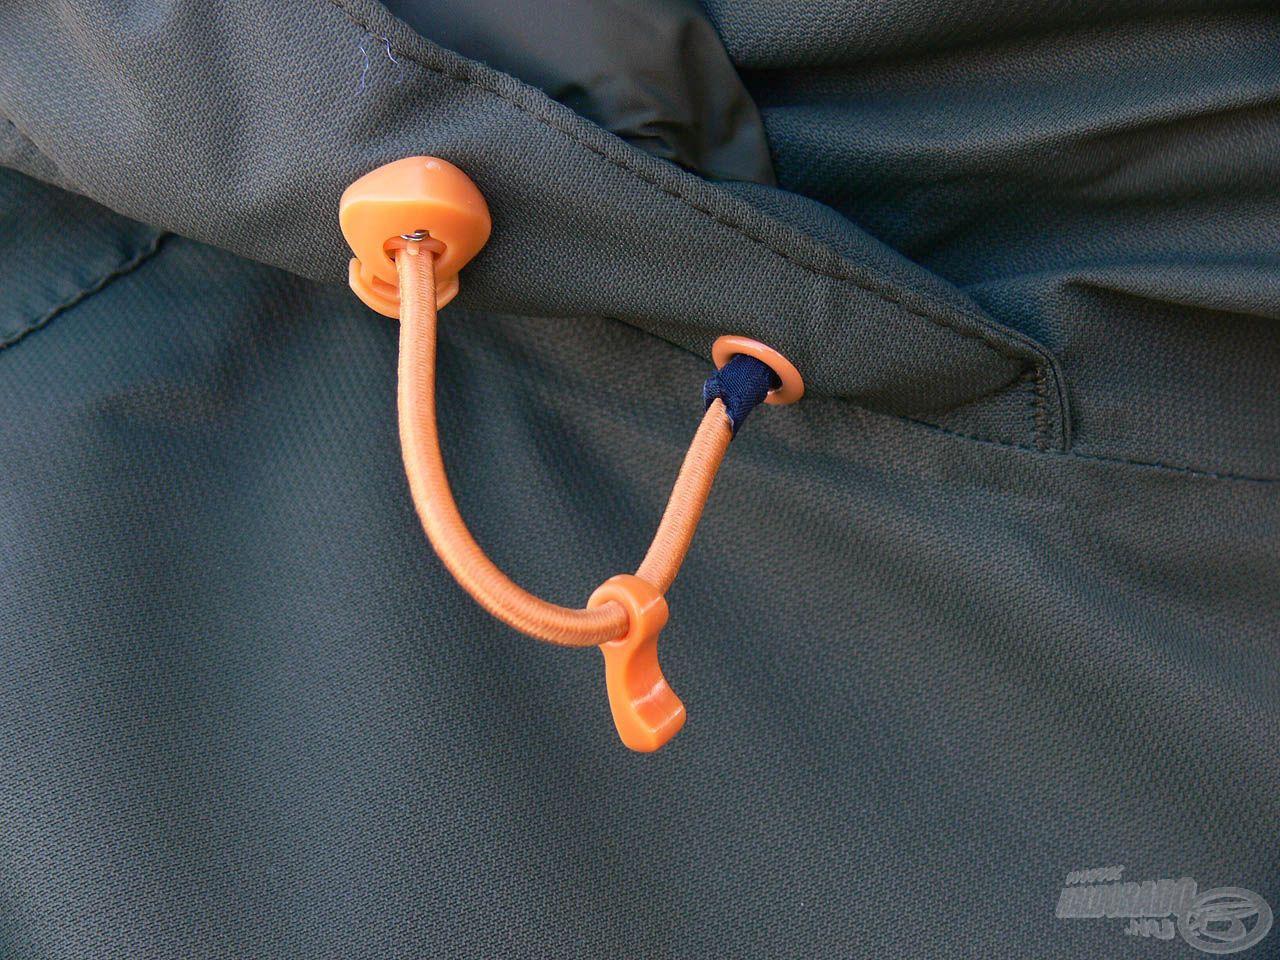 Az oldalt található rugalmas szegélyekkel könnyedén állítható a kapucni mérete